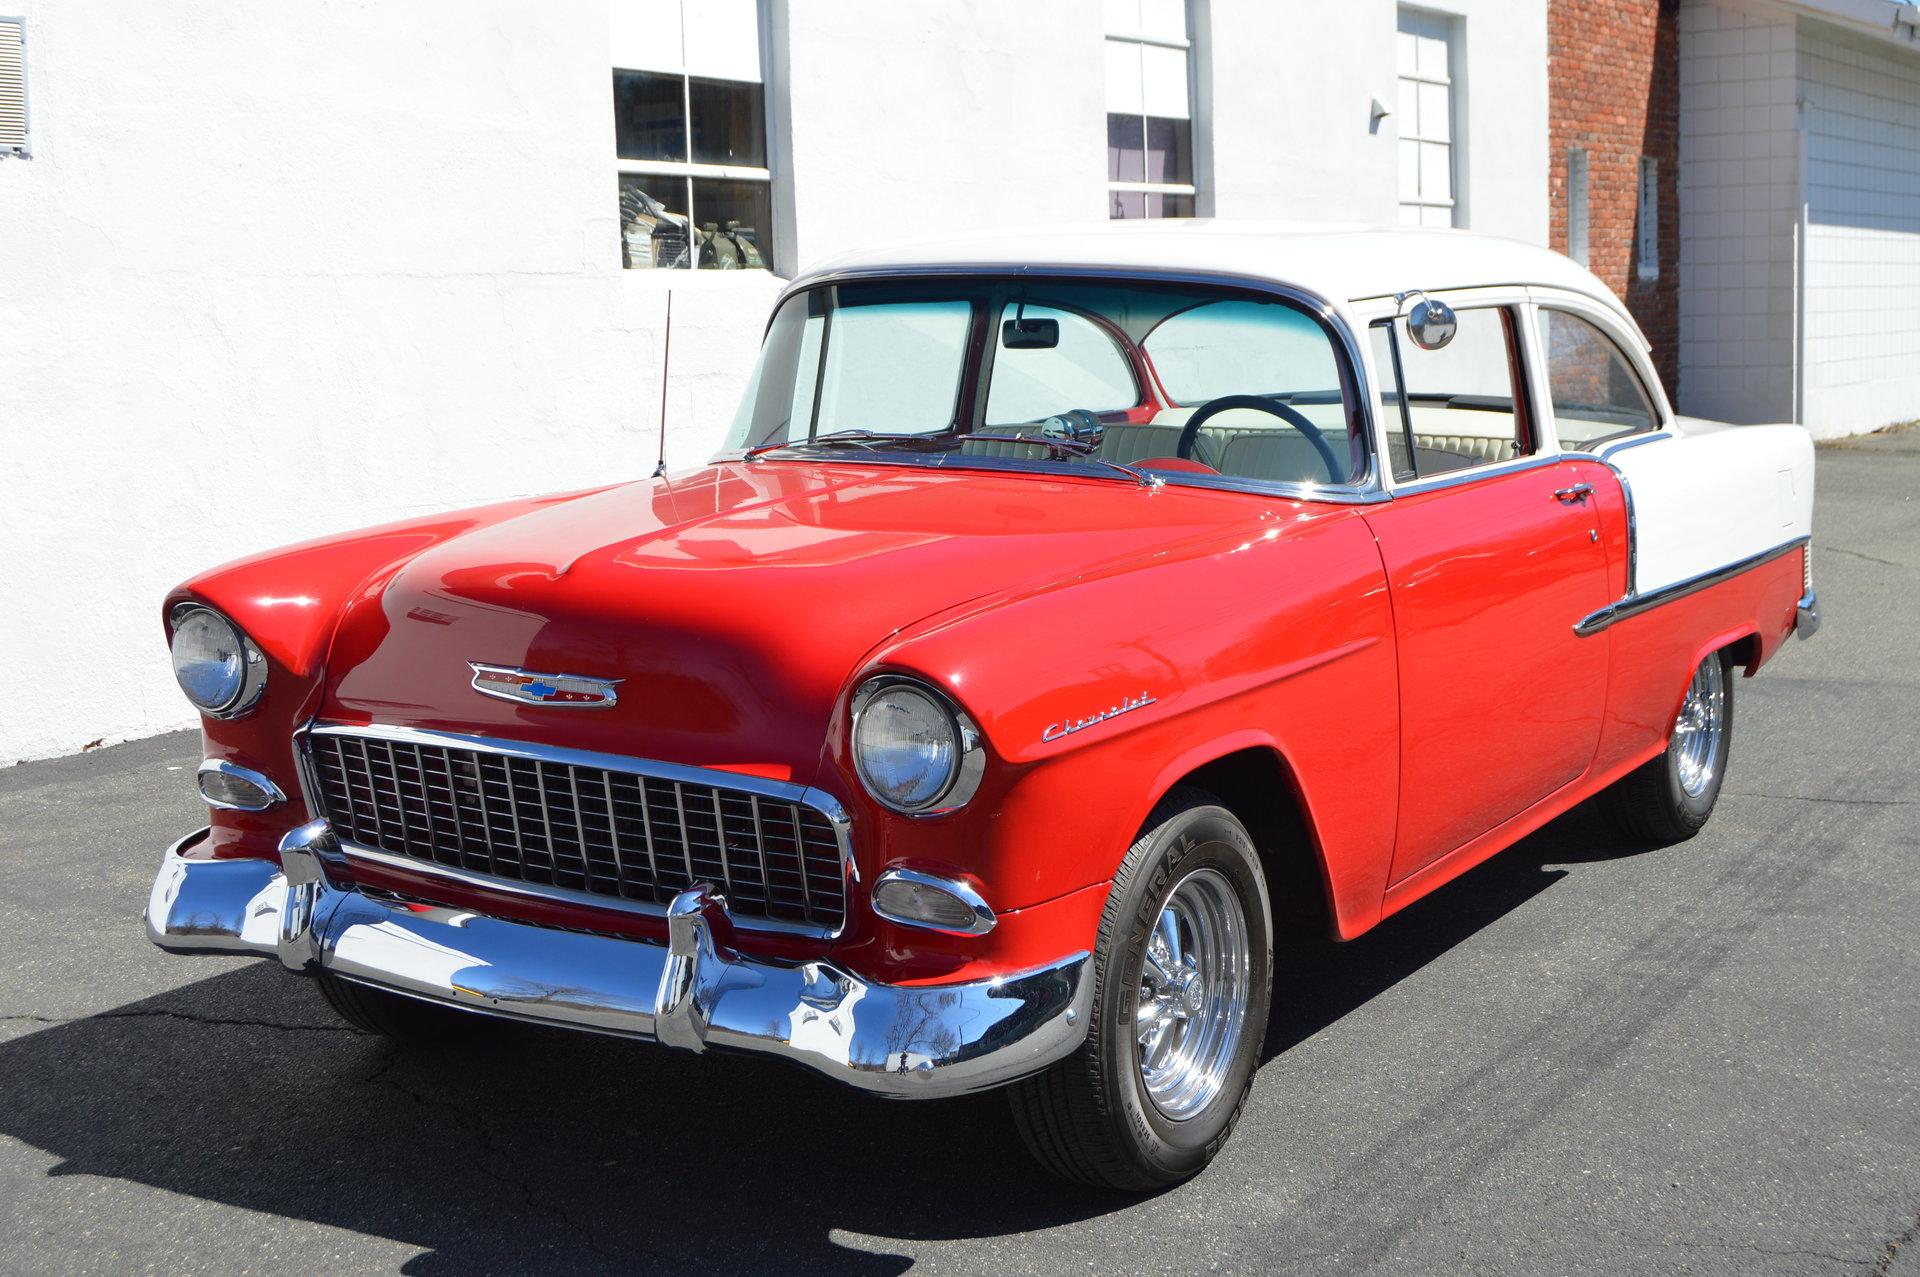 56629a01a506 hd 1955 chevrolet 210 2 door sedan